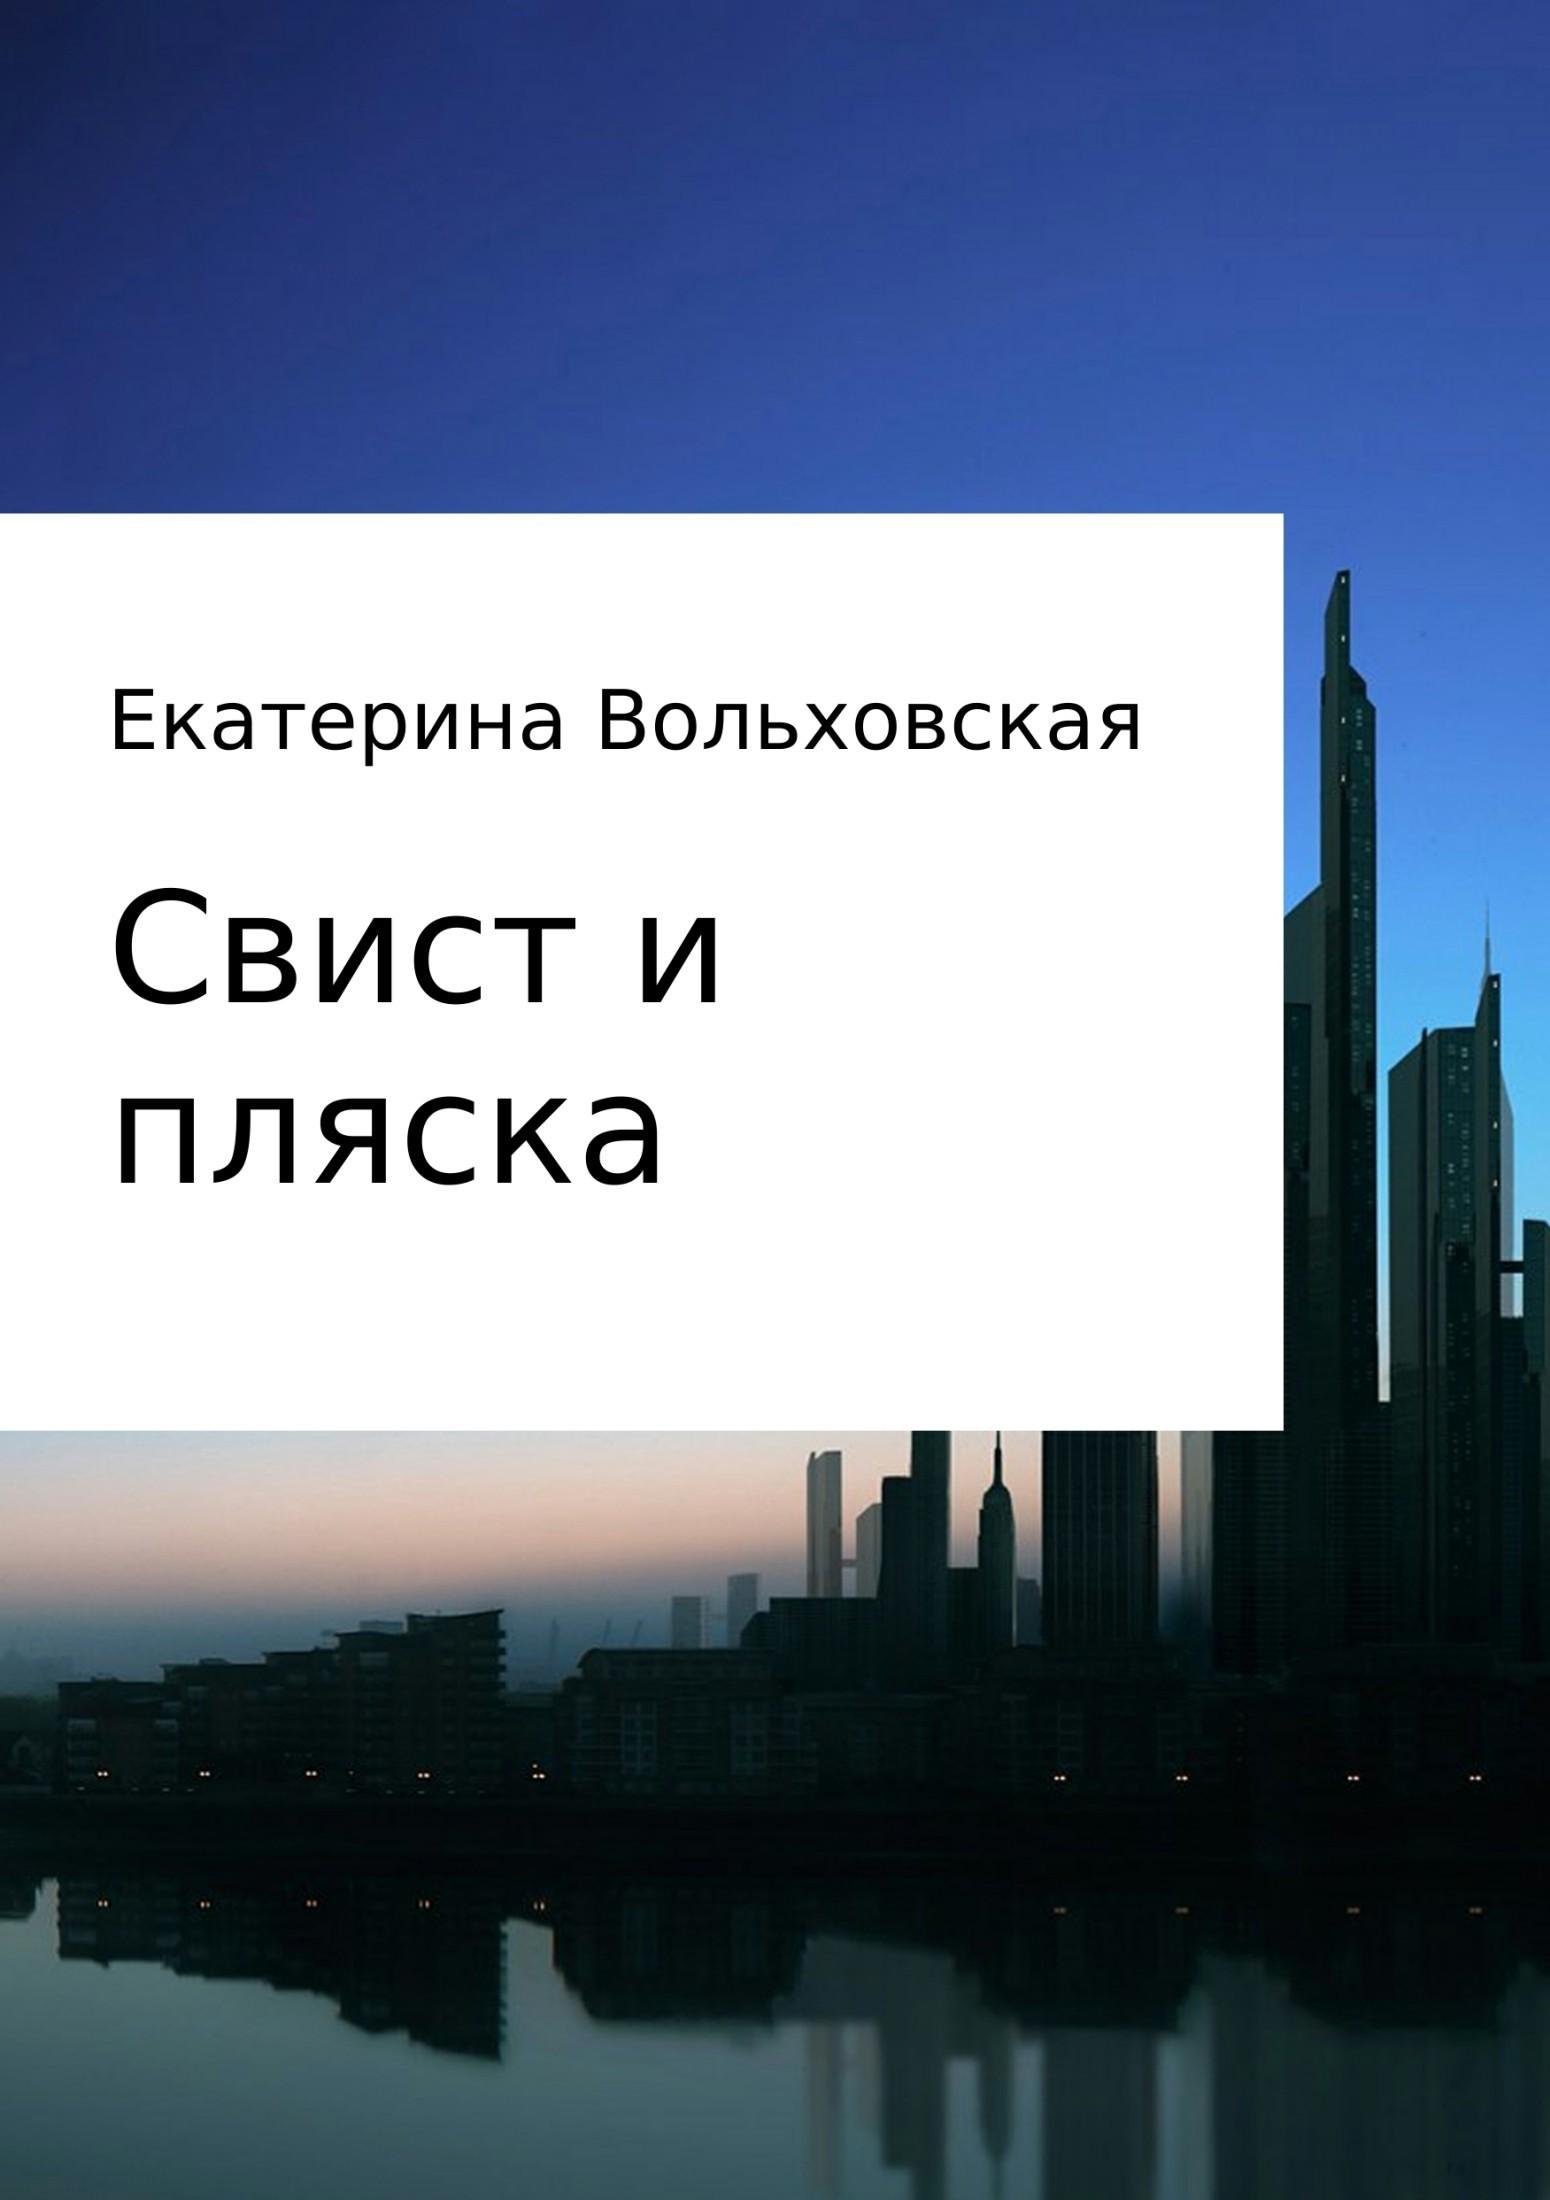 Екатерина Владимировна Вольховская. Свист и пляска. История из новейших времен